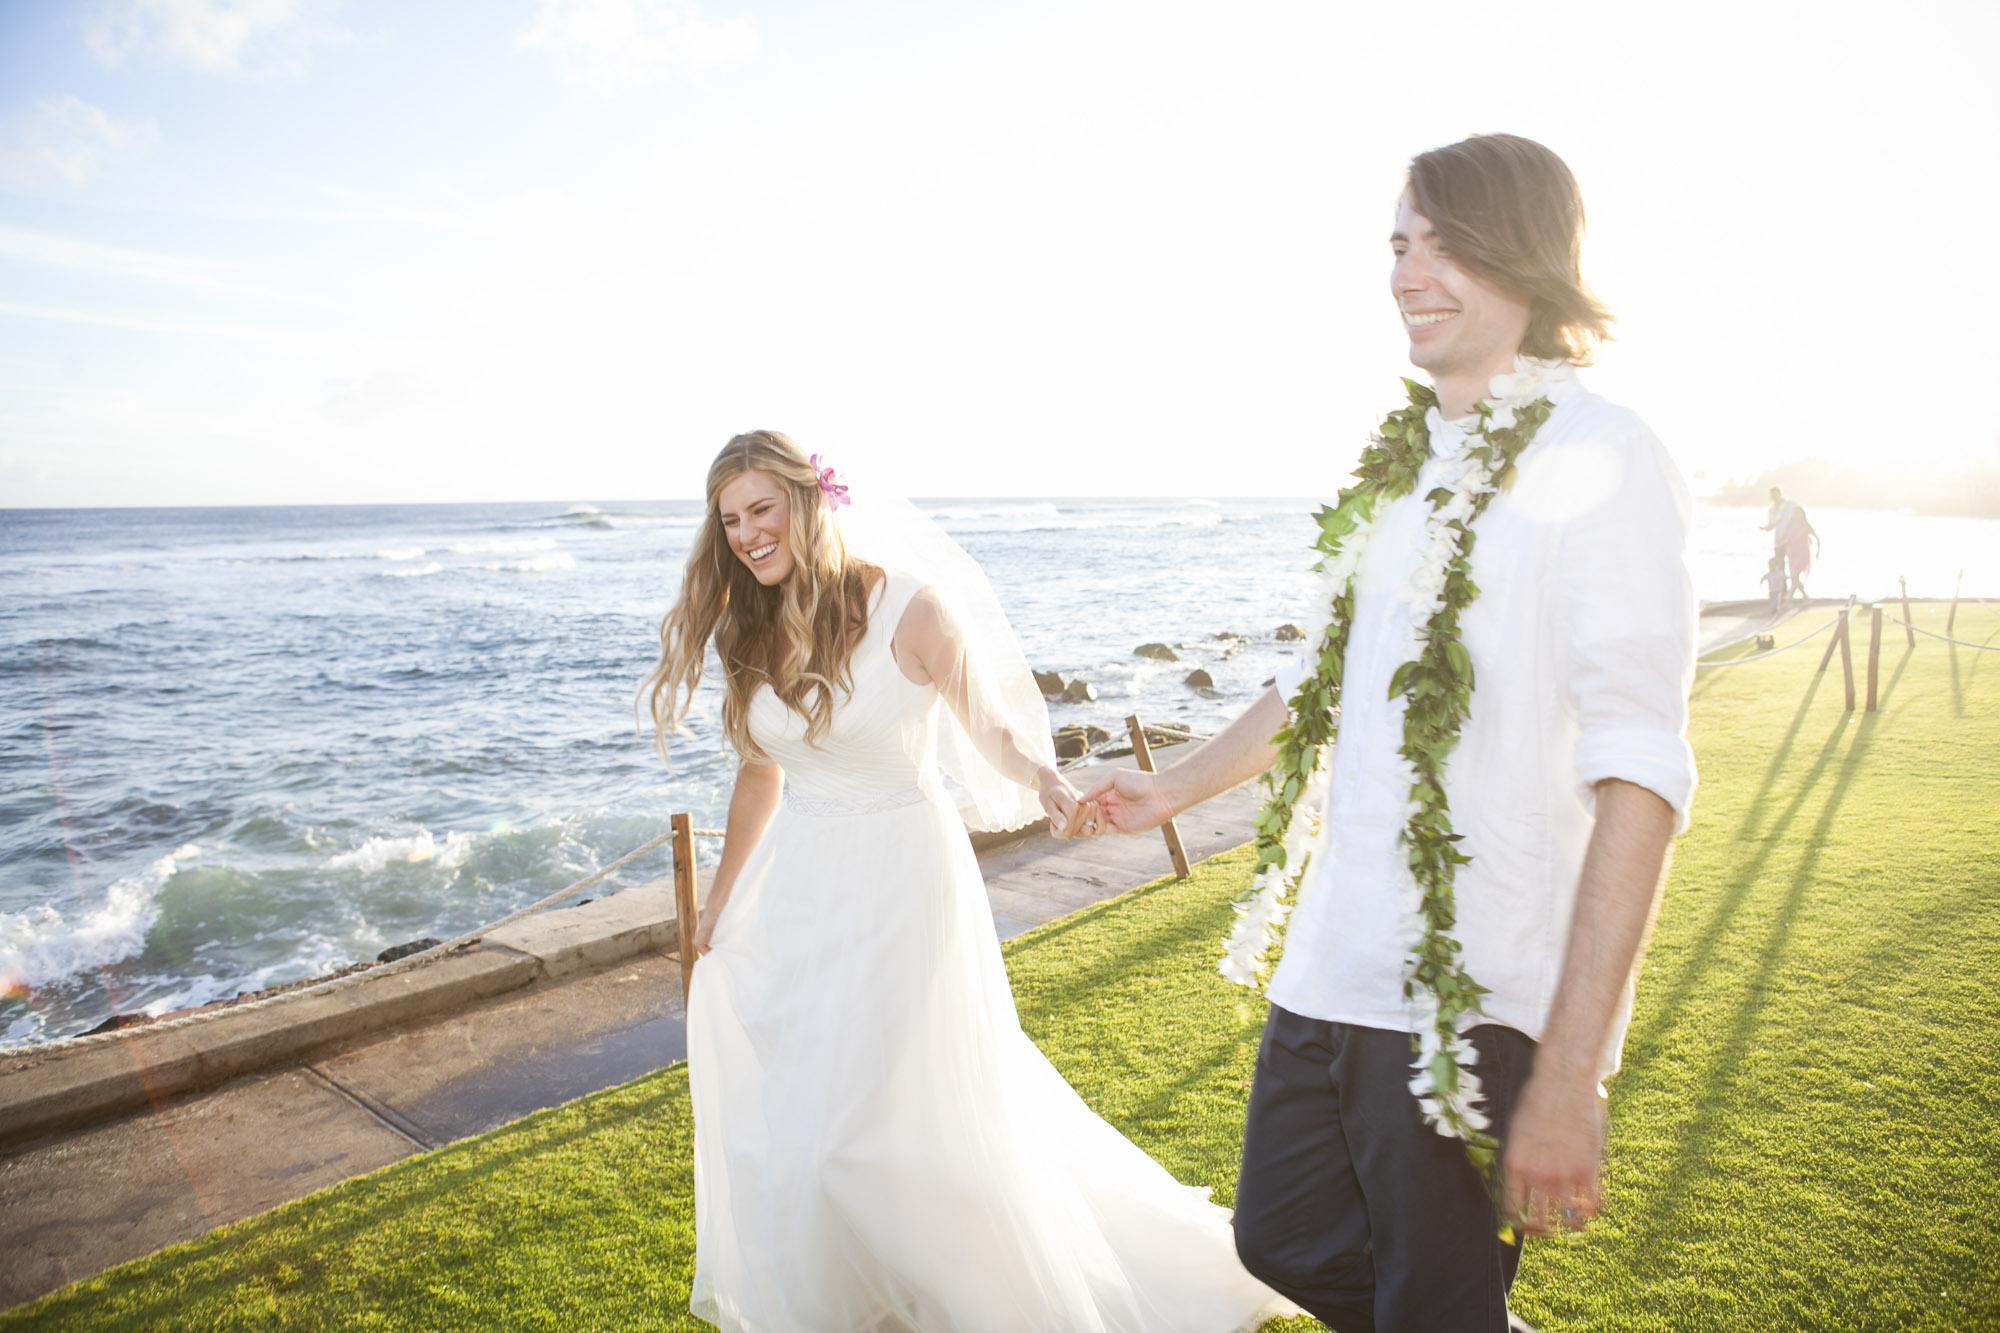 035_Laid_Back_Hawaiian_Beach_Wedding.jpg